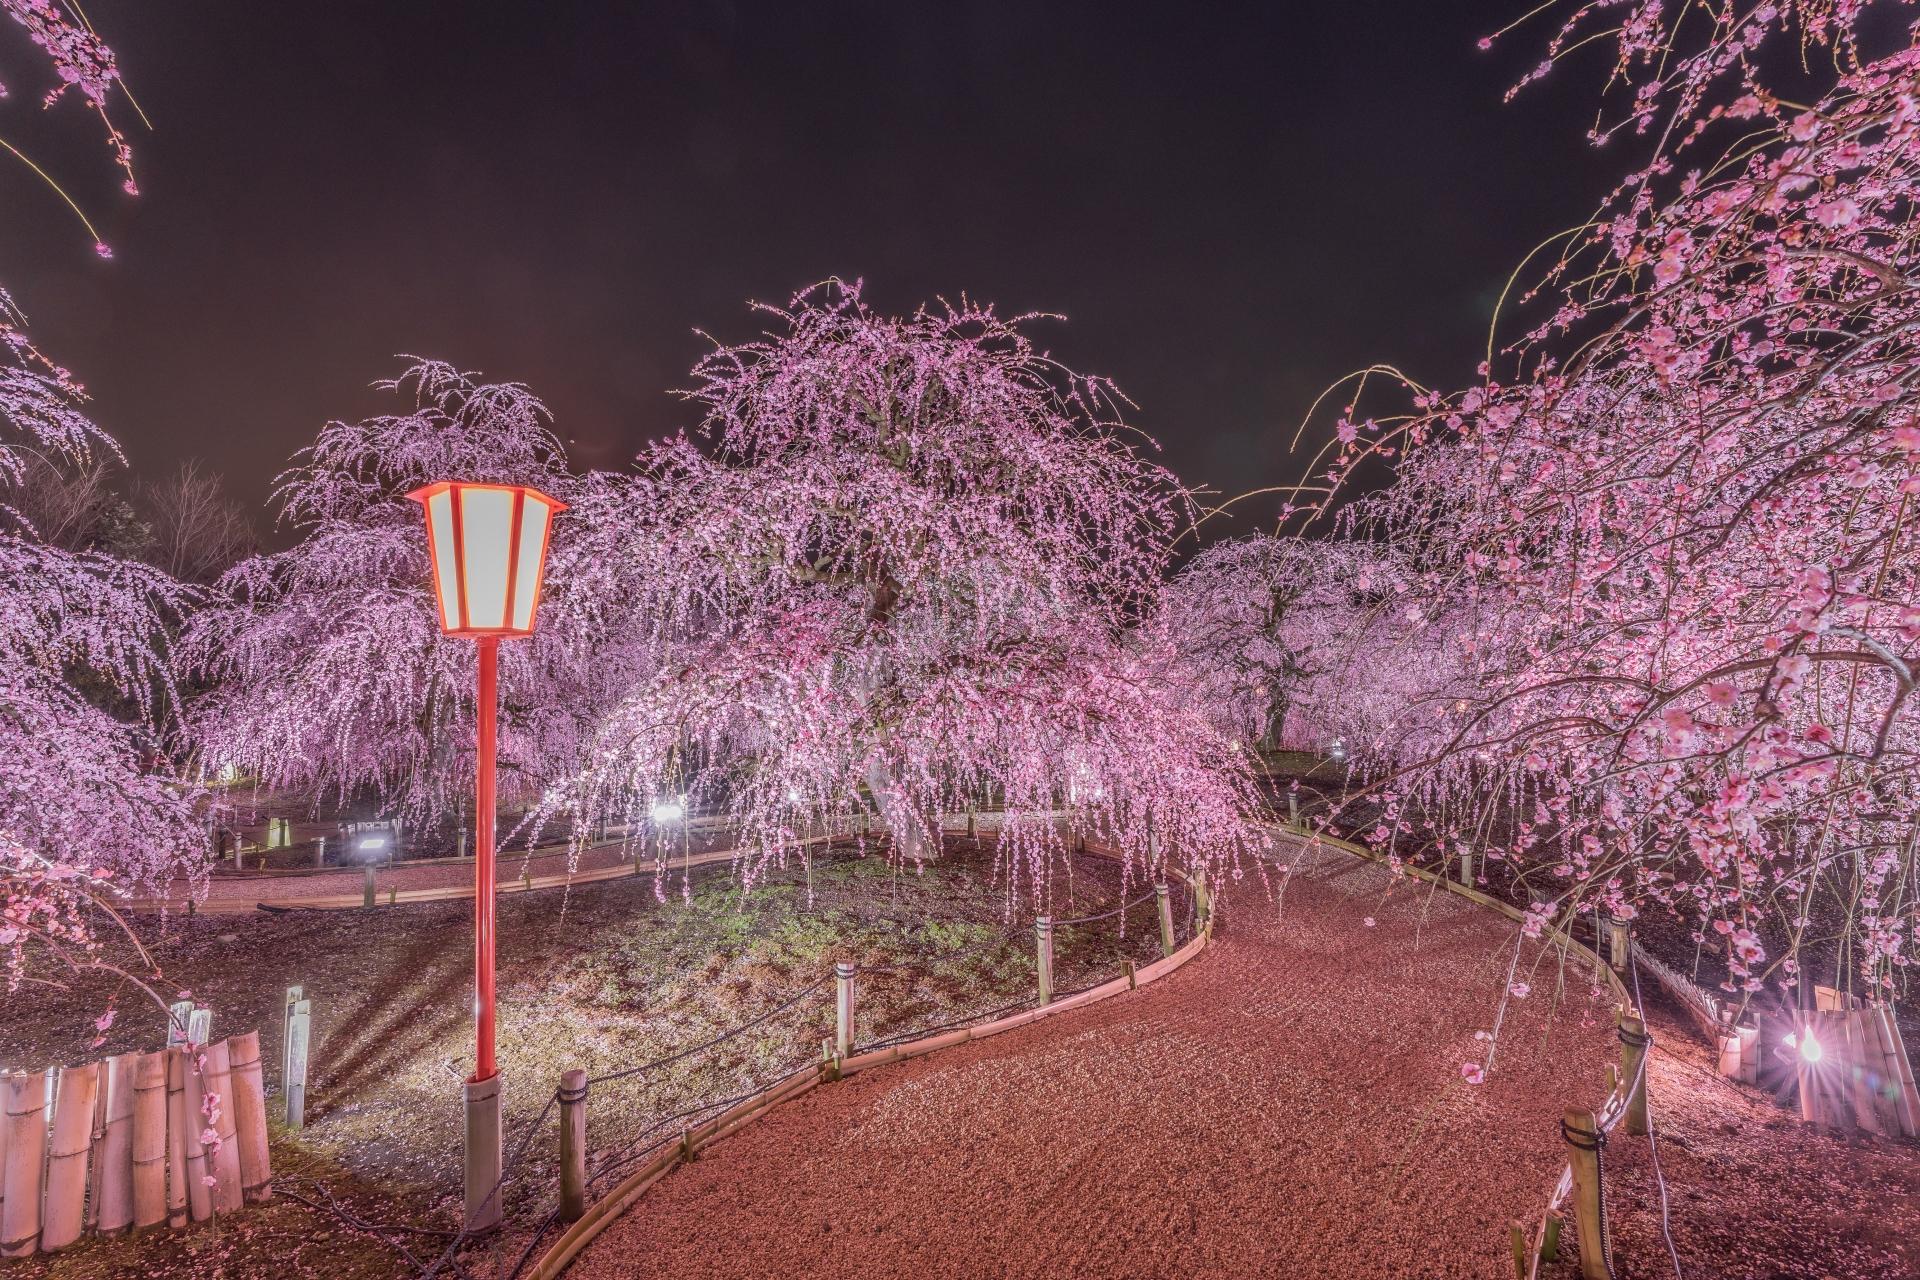 3269826_m 三重県  鈴鹿の森庭園(鈴鹿山脈を背景に彩る梅の絶景スポット! 夜間のライトアップも開催! 写真の紹介、アクセス情報や駐車場情報など)